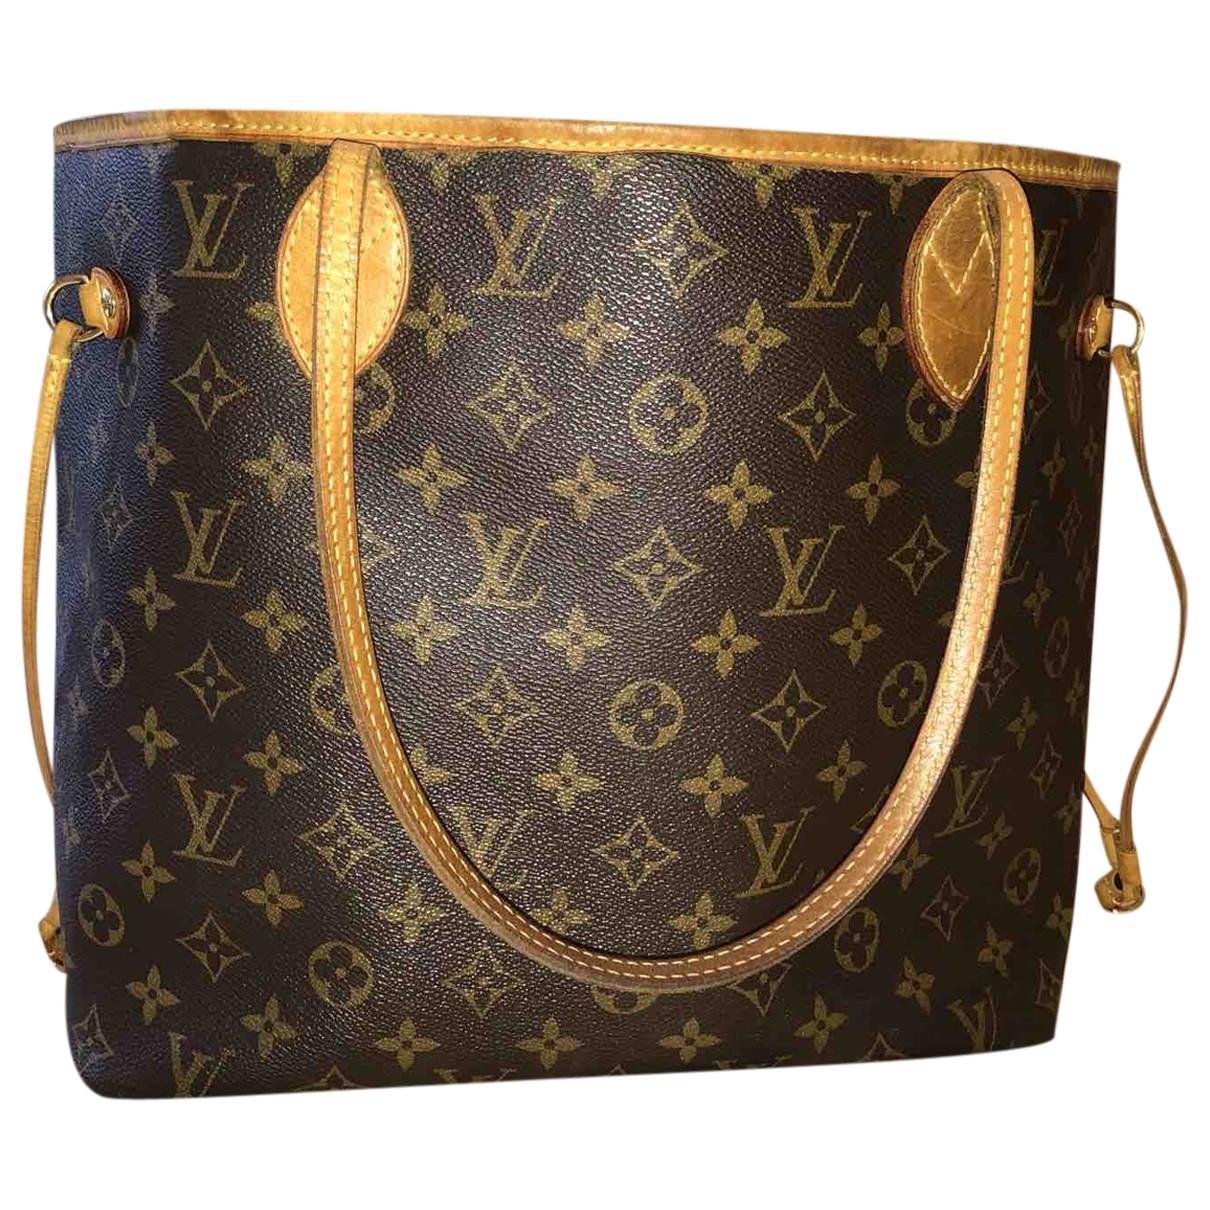 Louis Vuitton Neverfull Brown Cloth handbag for Women N